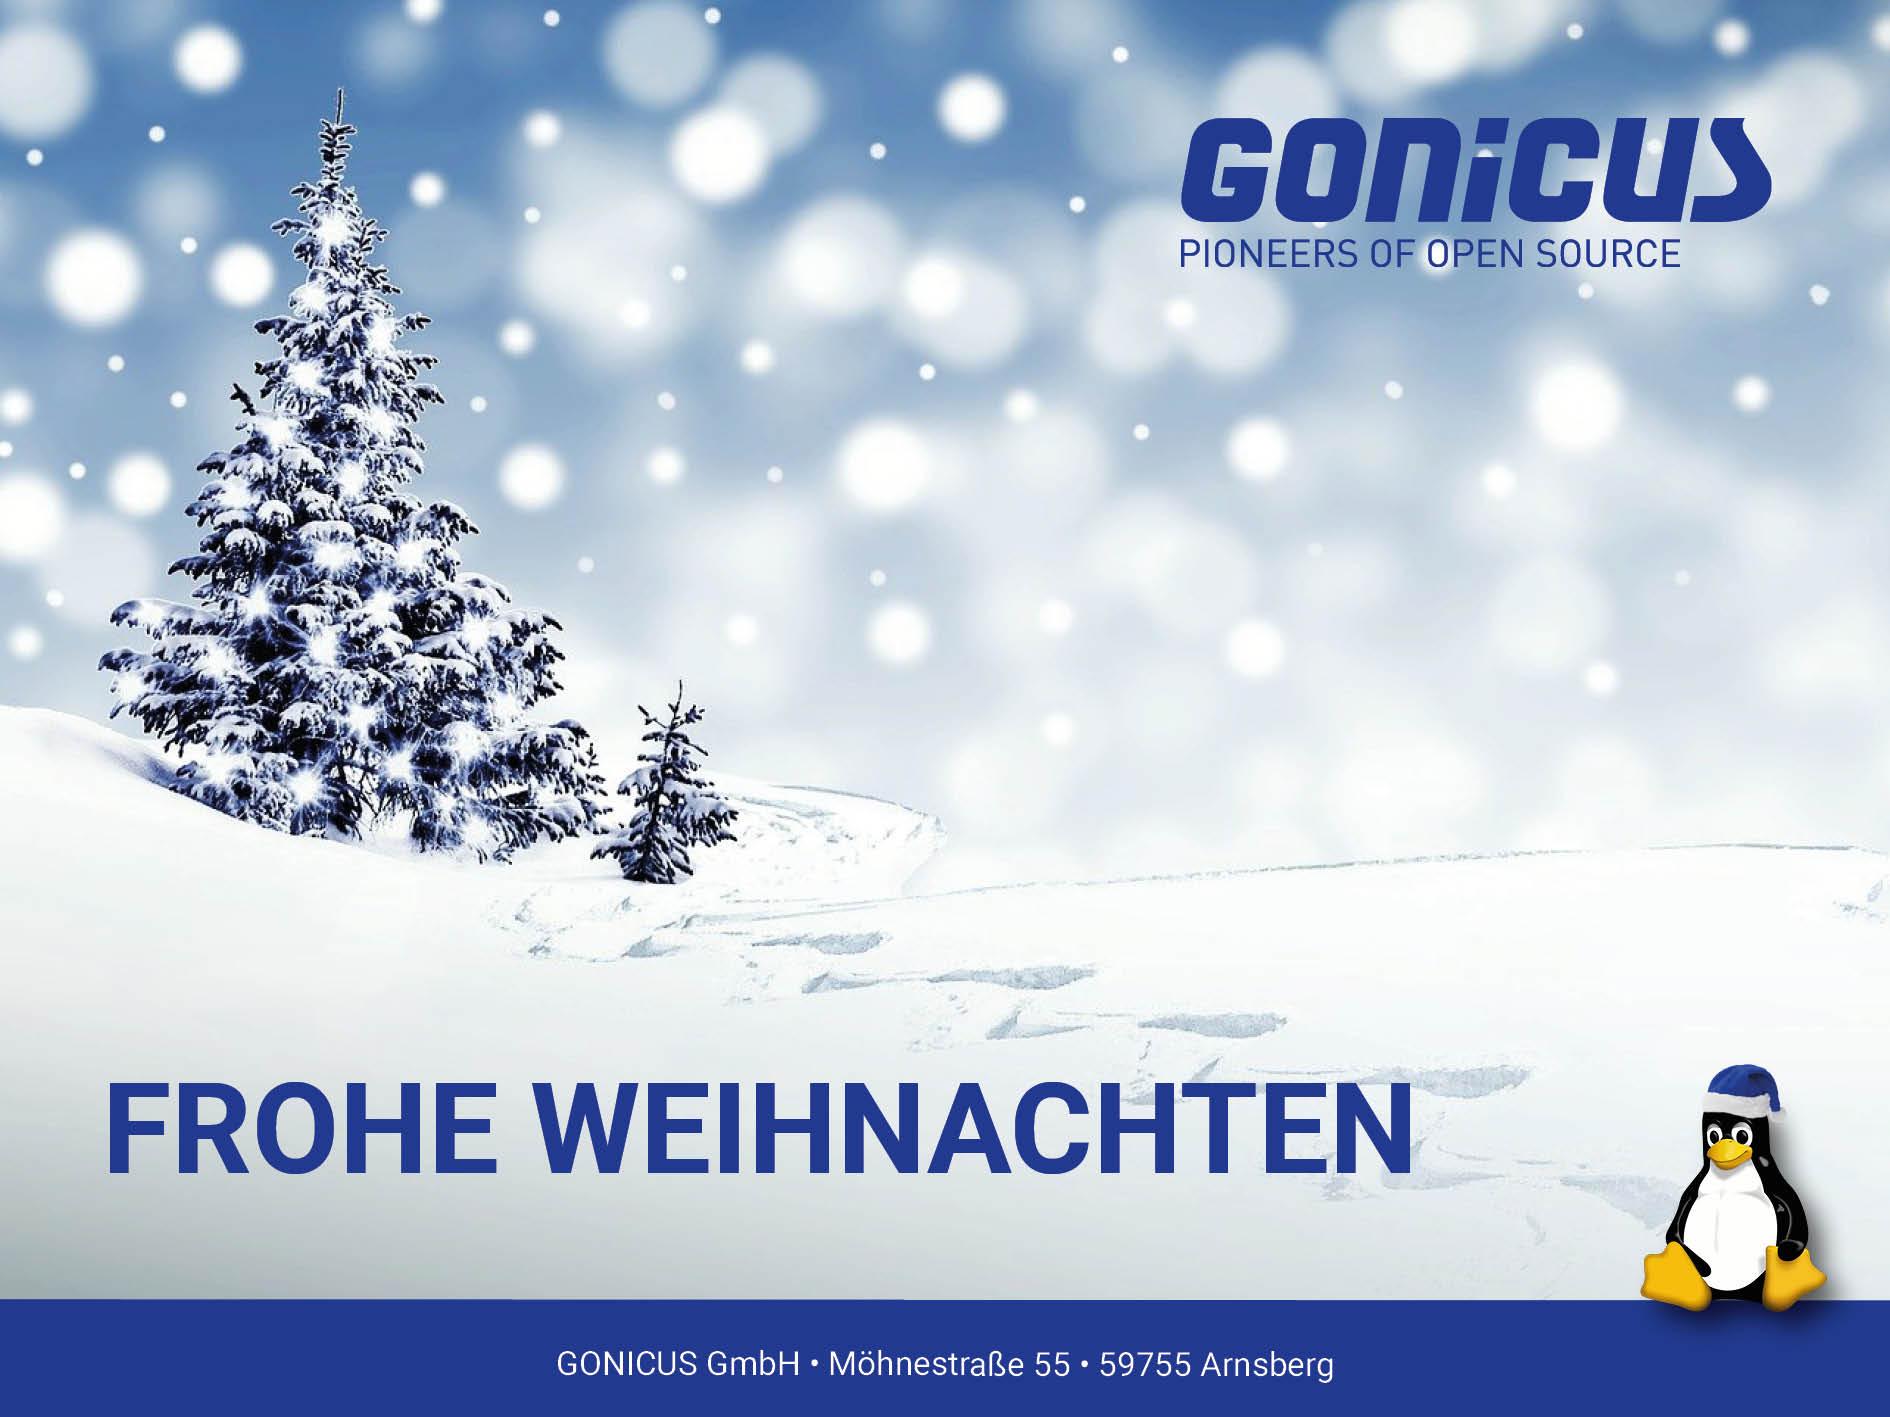 Frohe Weihnachten wünscht GONICUS